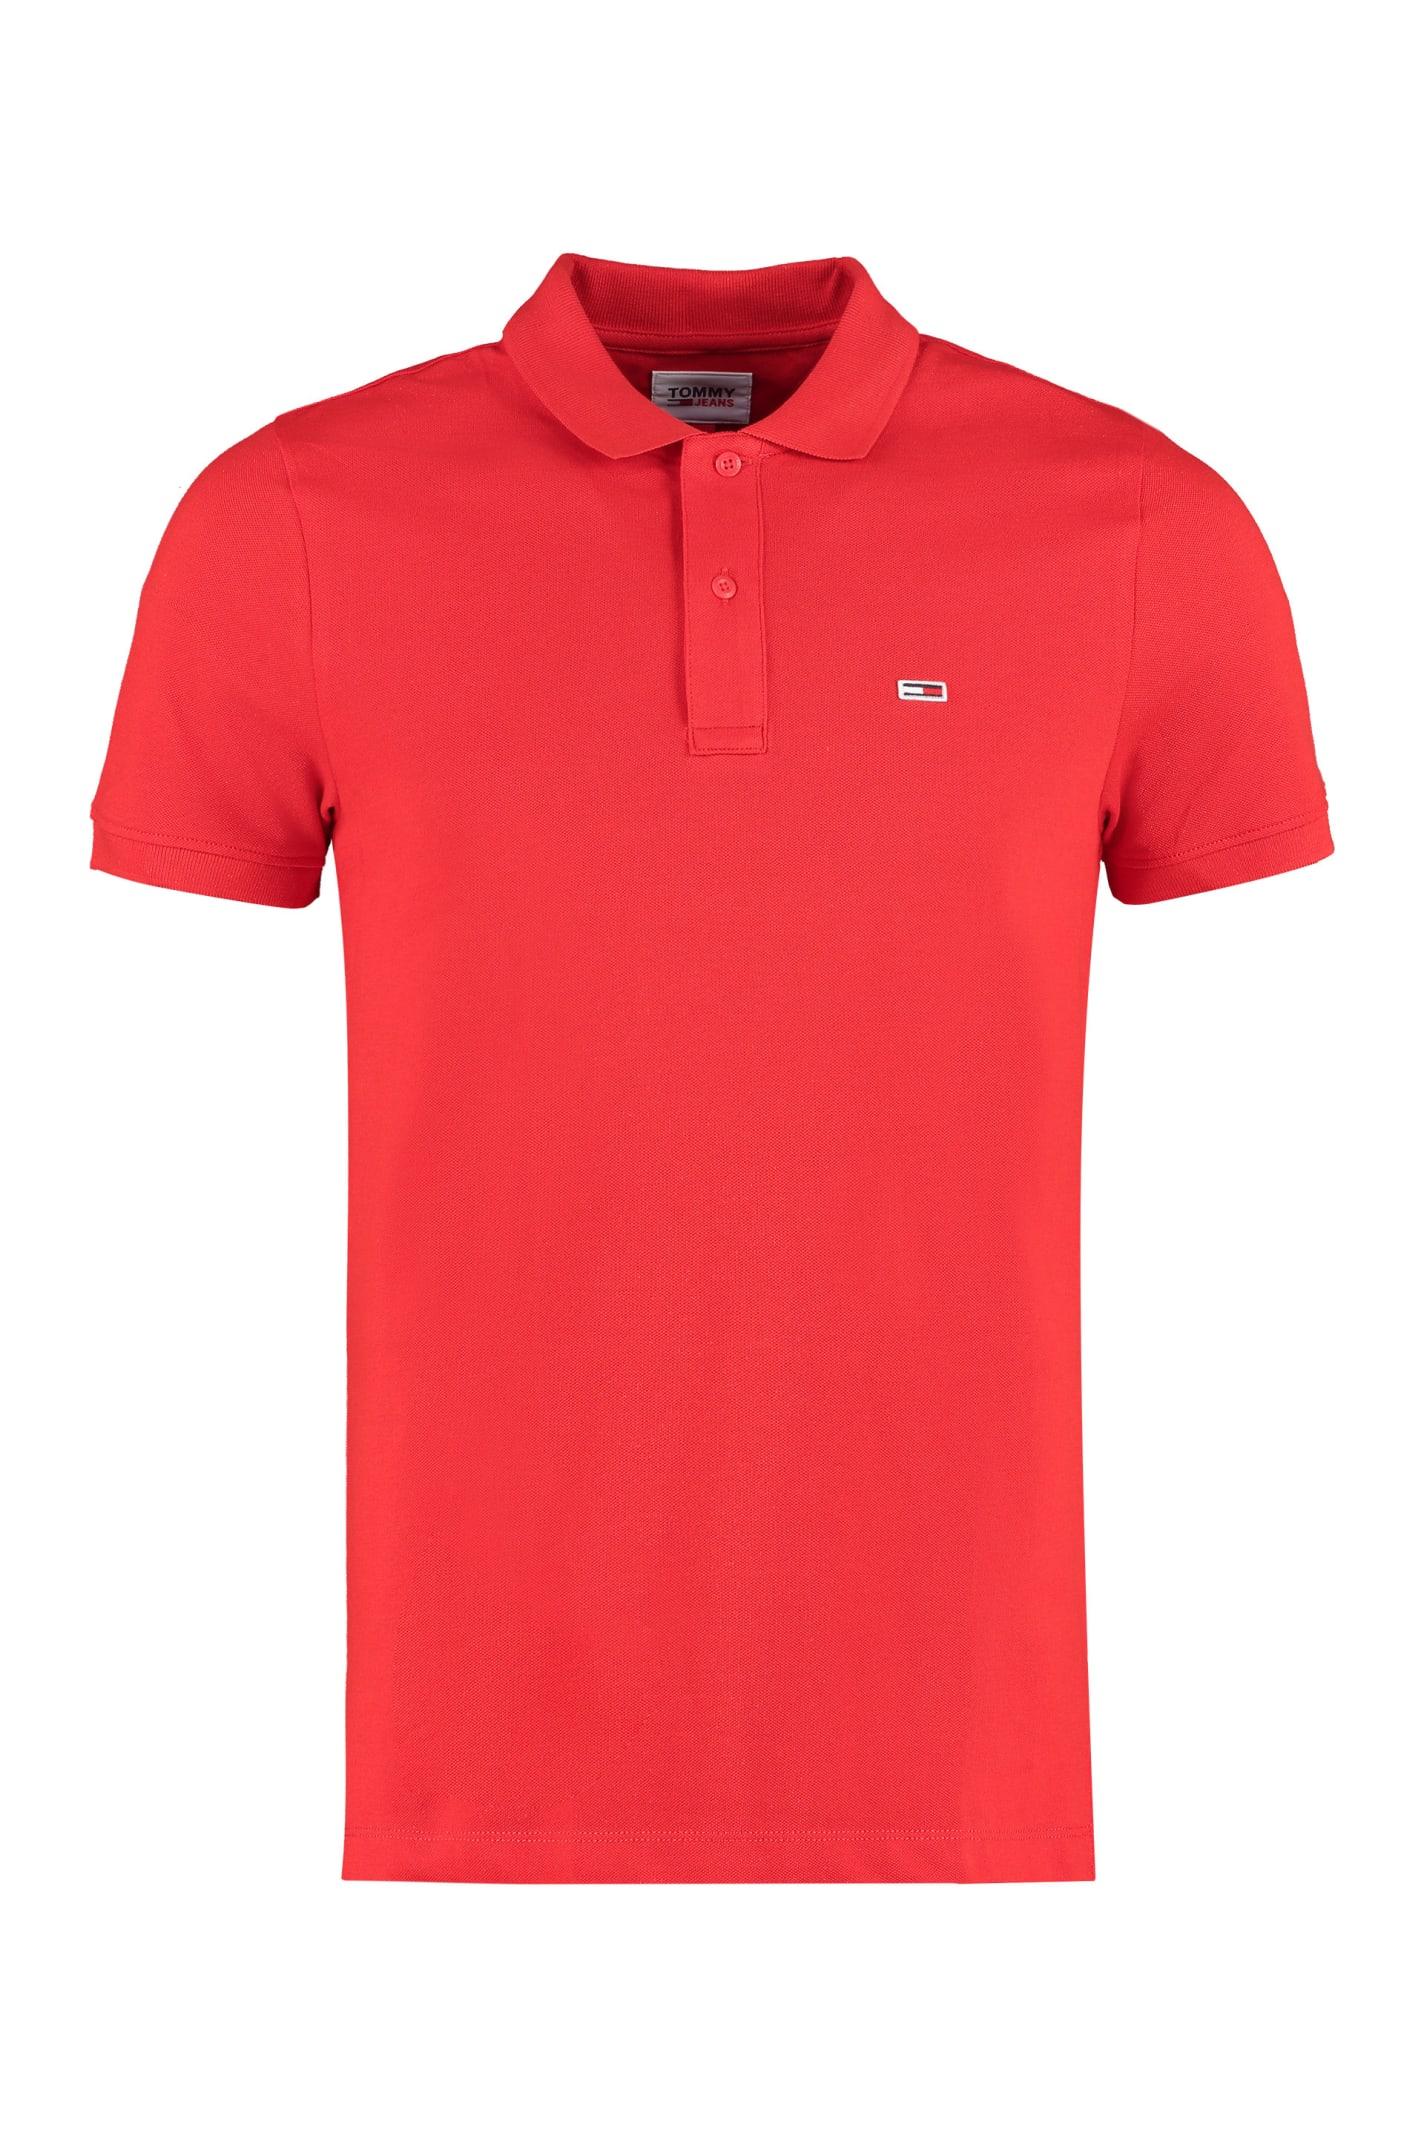 Tommy Jeans Cotton Piqué Polo Shirt